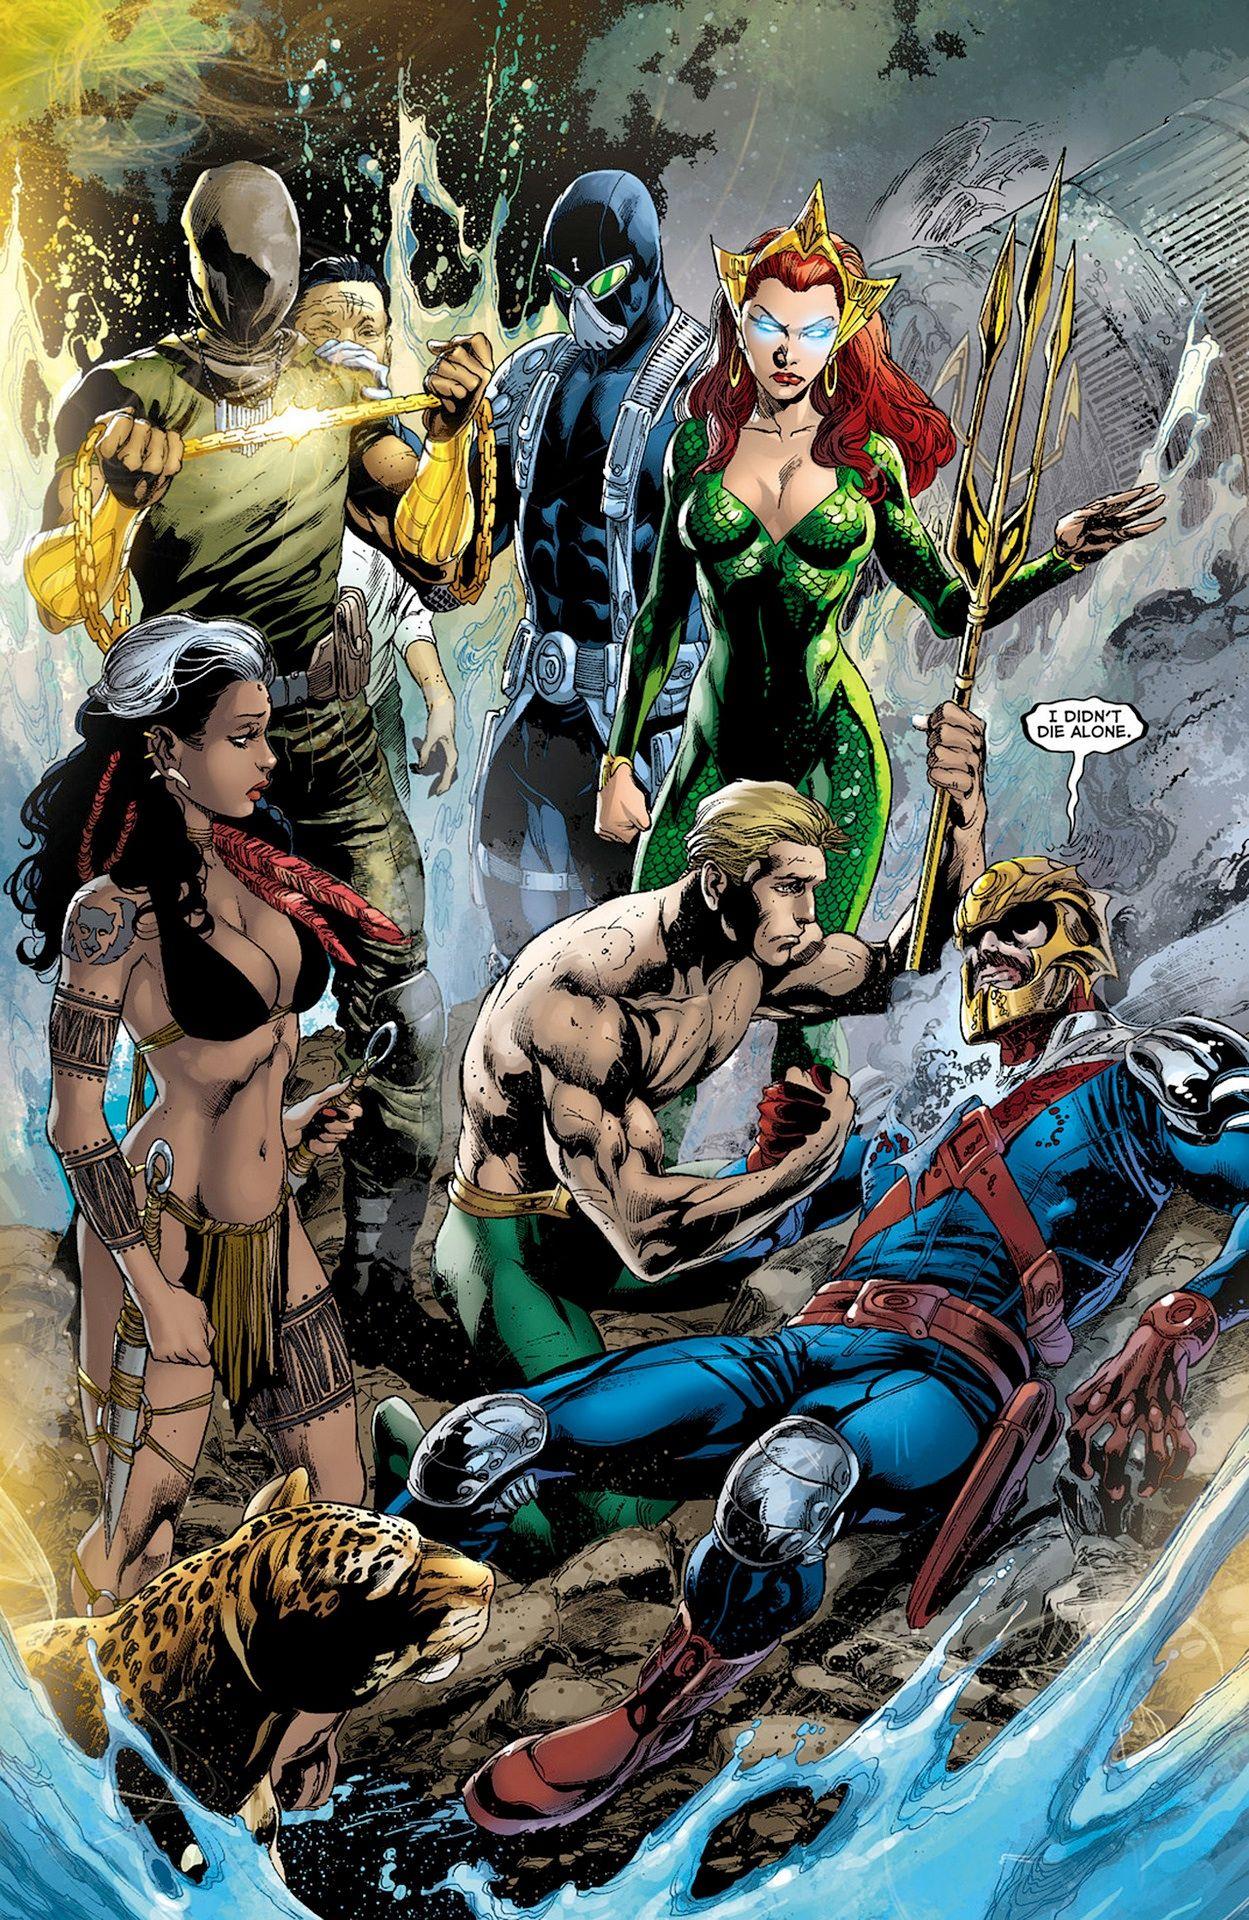 Aquaman & The Others Dc comics art, Comics, Aquaman comic